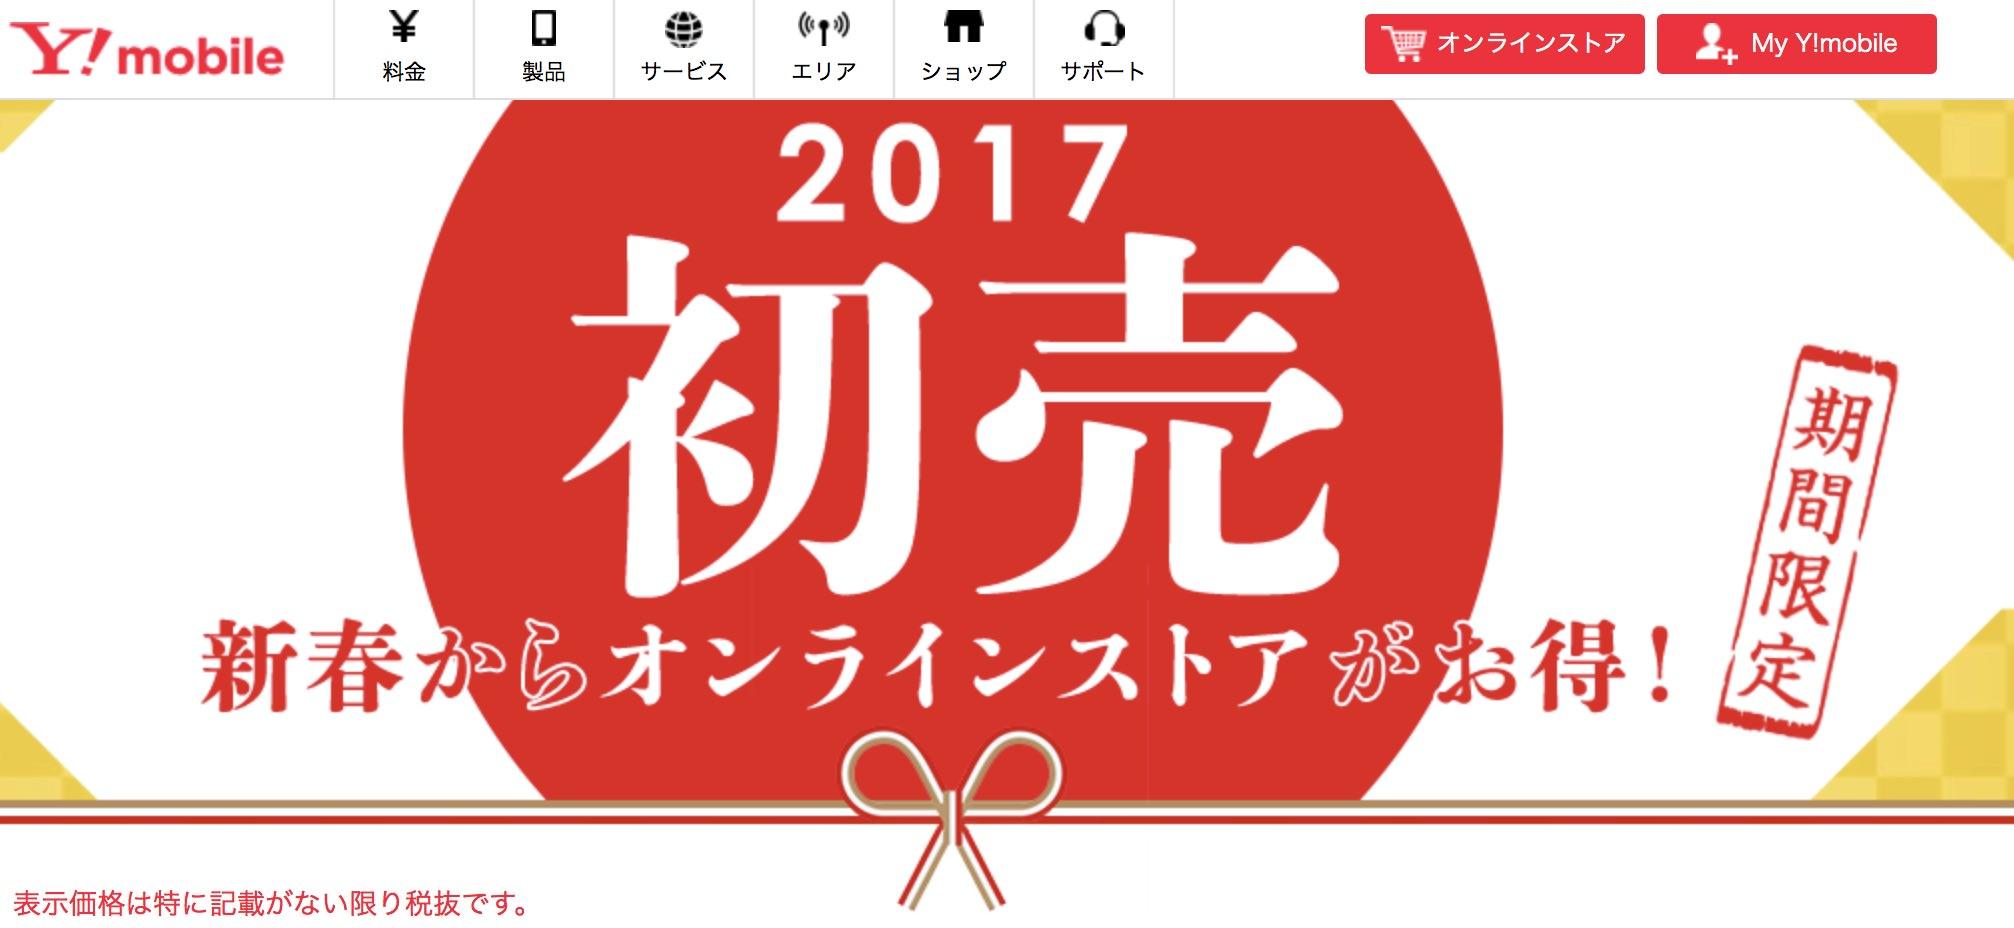 ワイモバイルのオンラインストアが2017年新春初売りセールを開催中